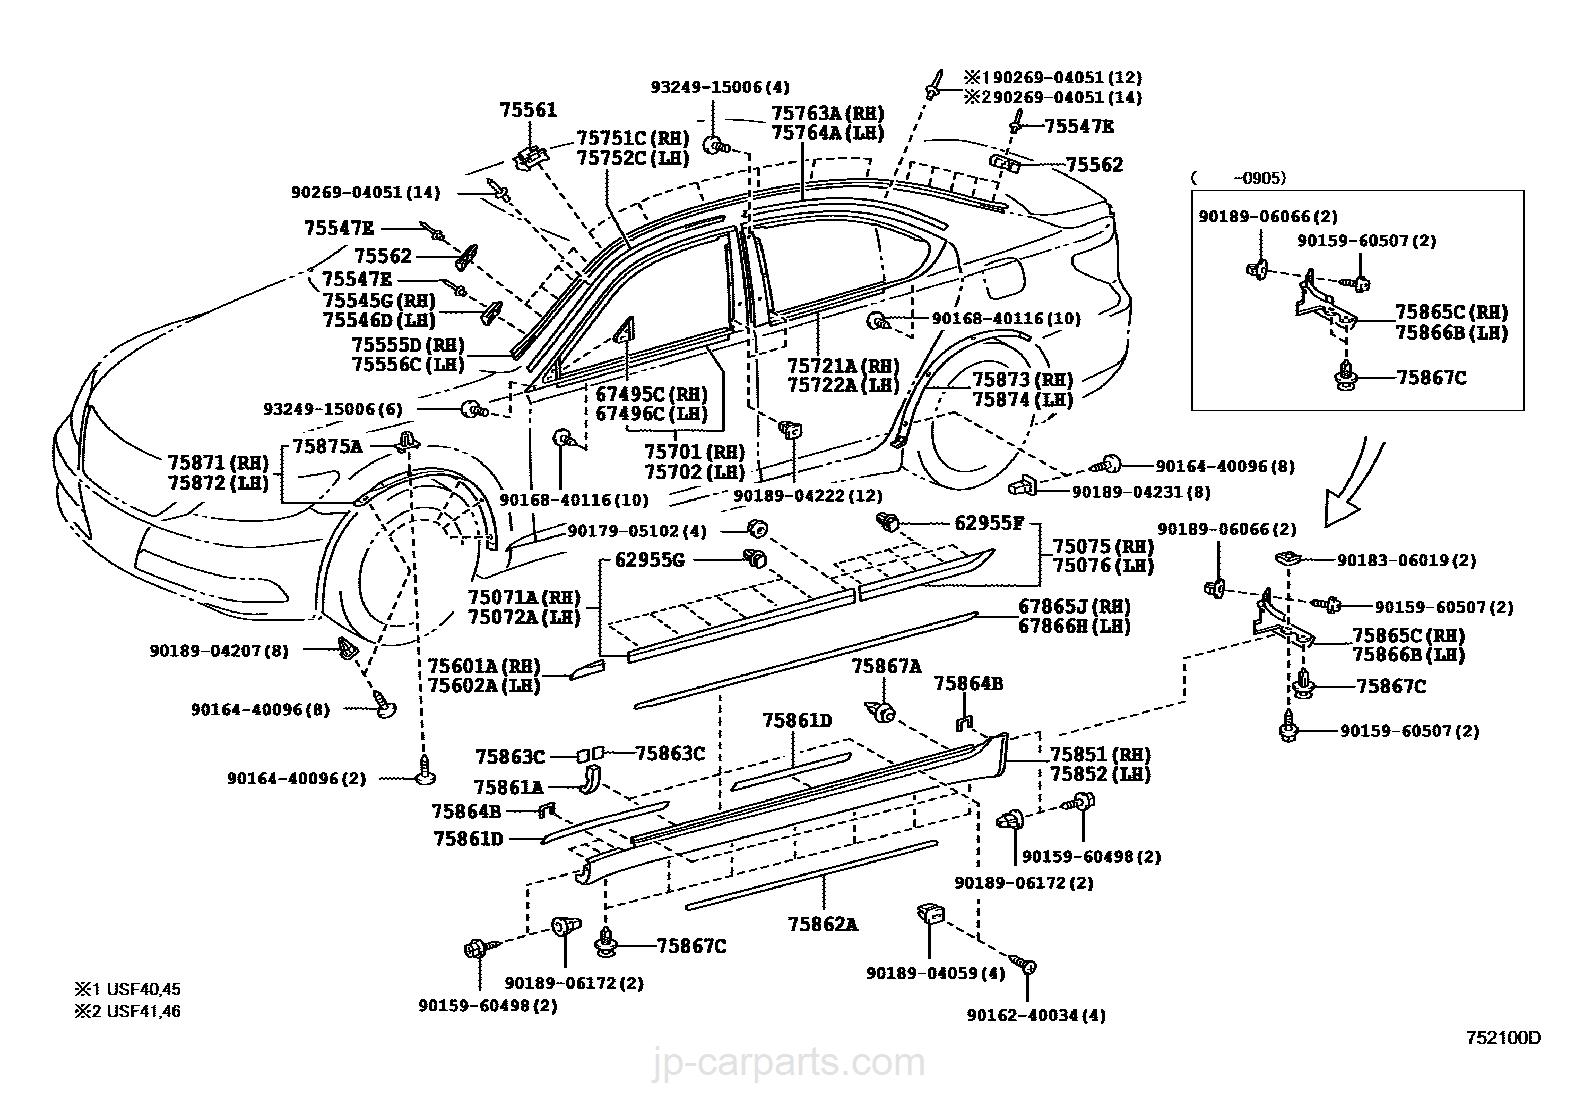 car parts all car parts rh carpartskenkoro blogspot com